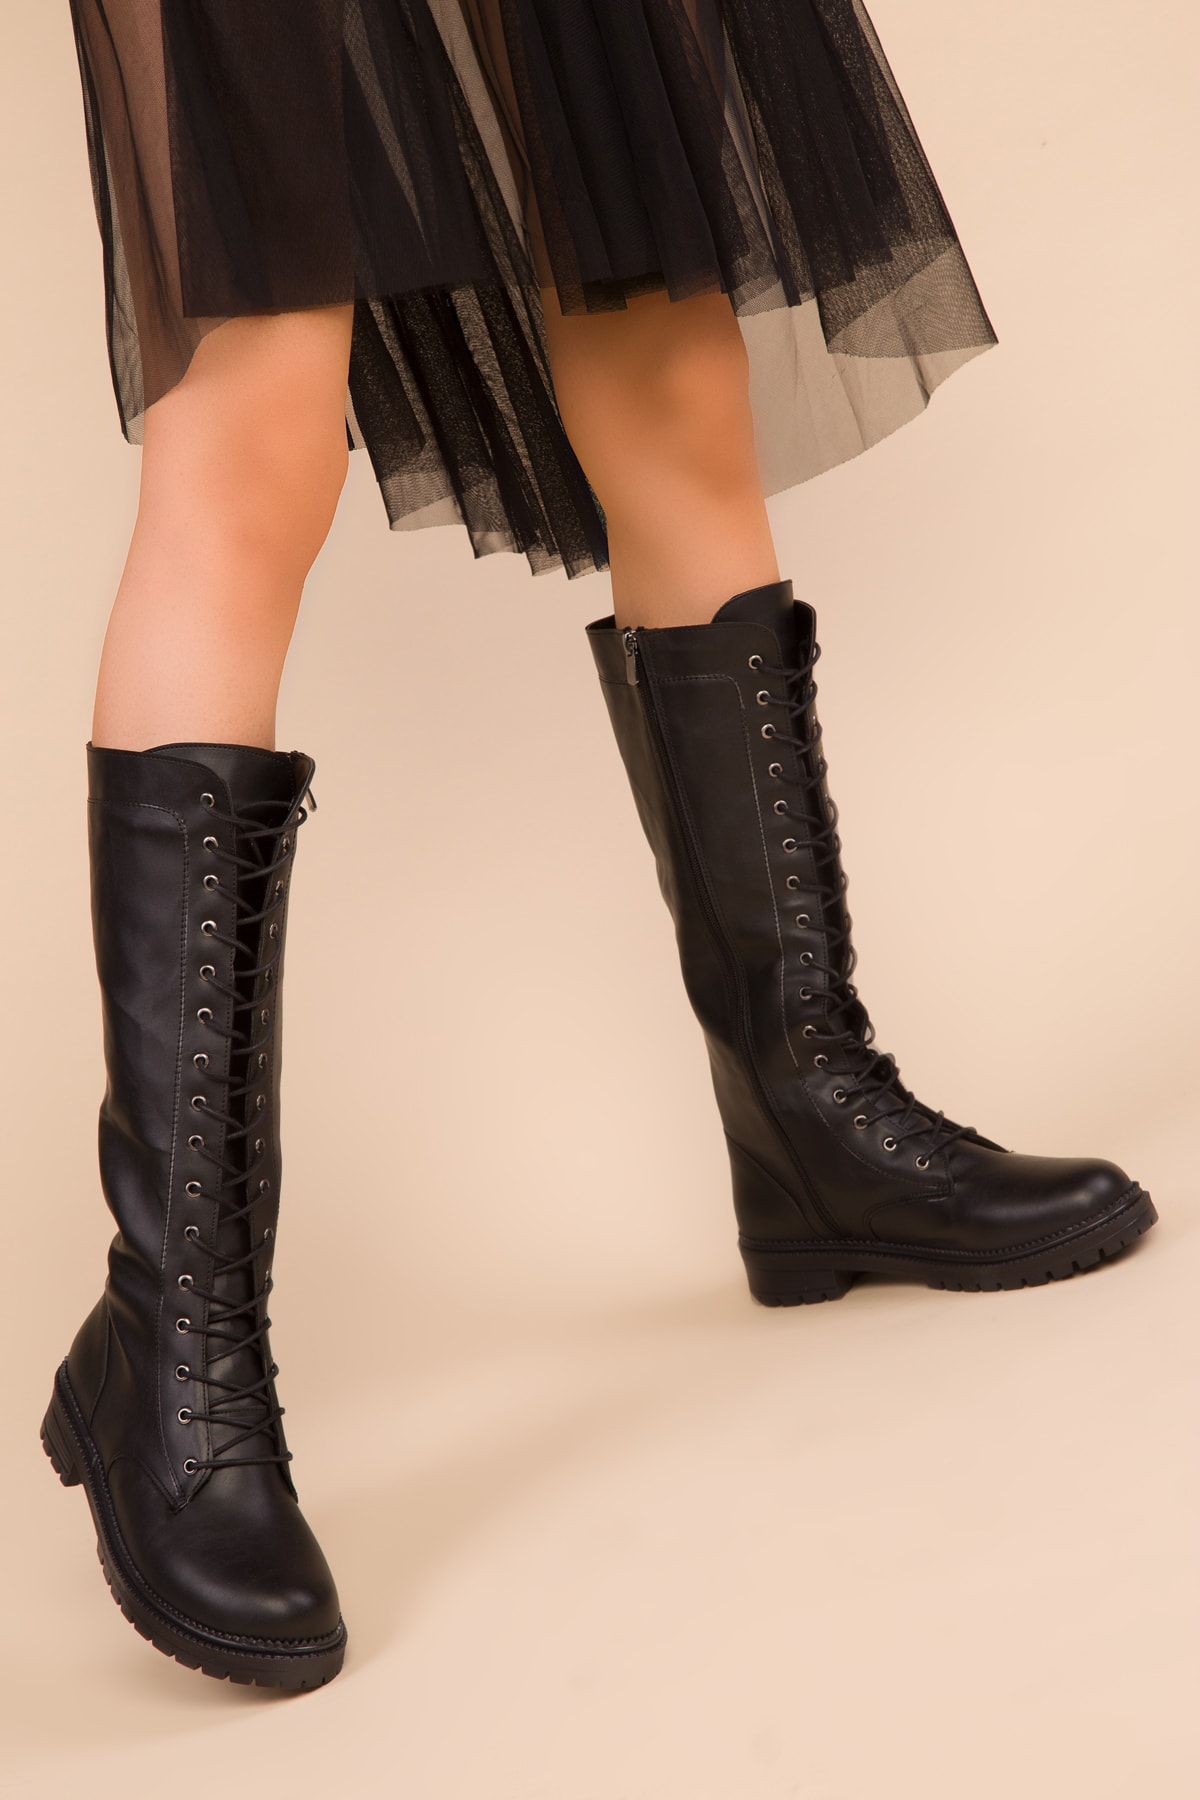 SOHO Siyah Kadın Çizme 15255 2